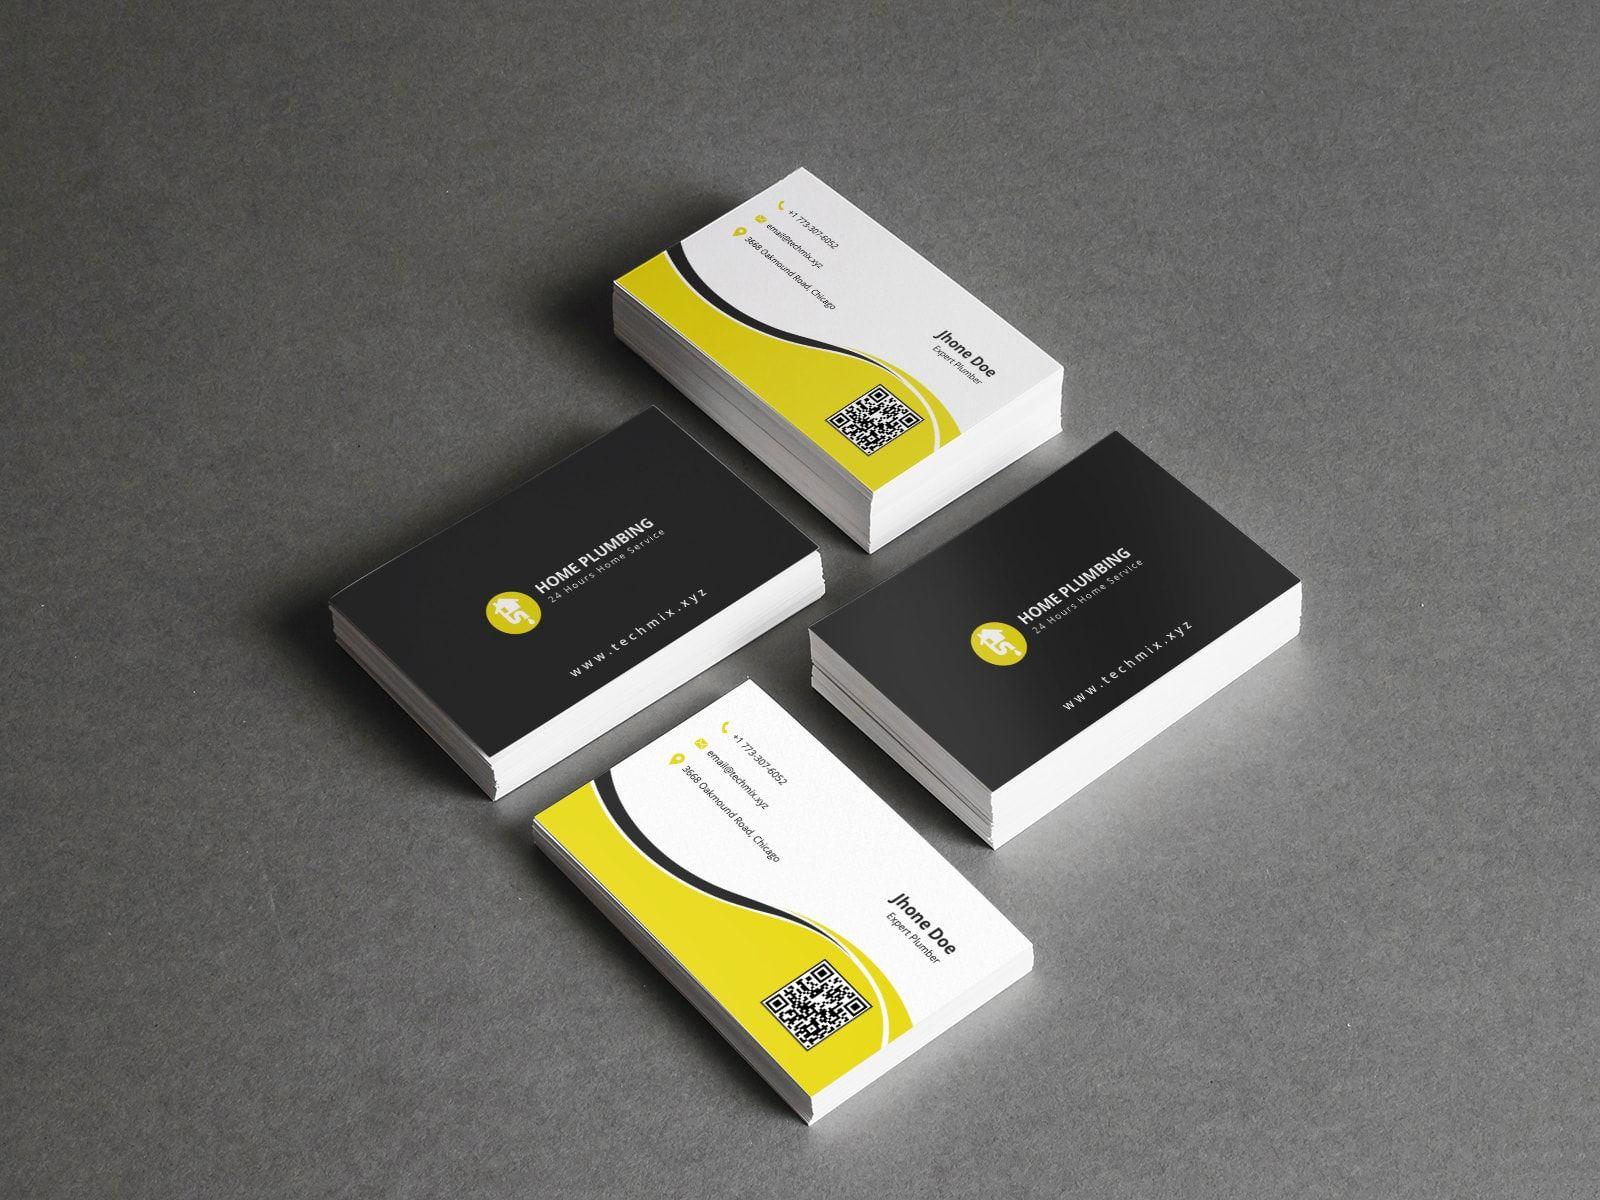 Best Plumbing Business Card Design Business Card Design Card Design Business Cards Collection